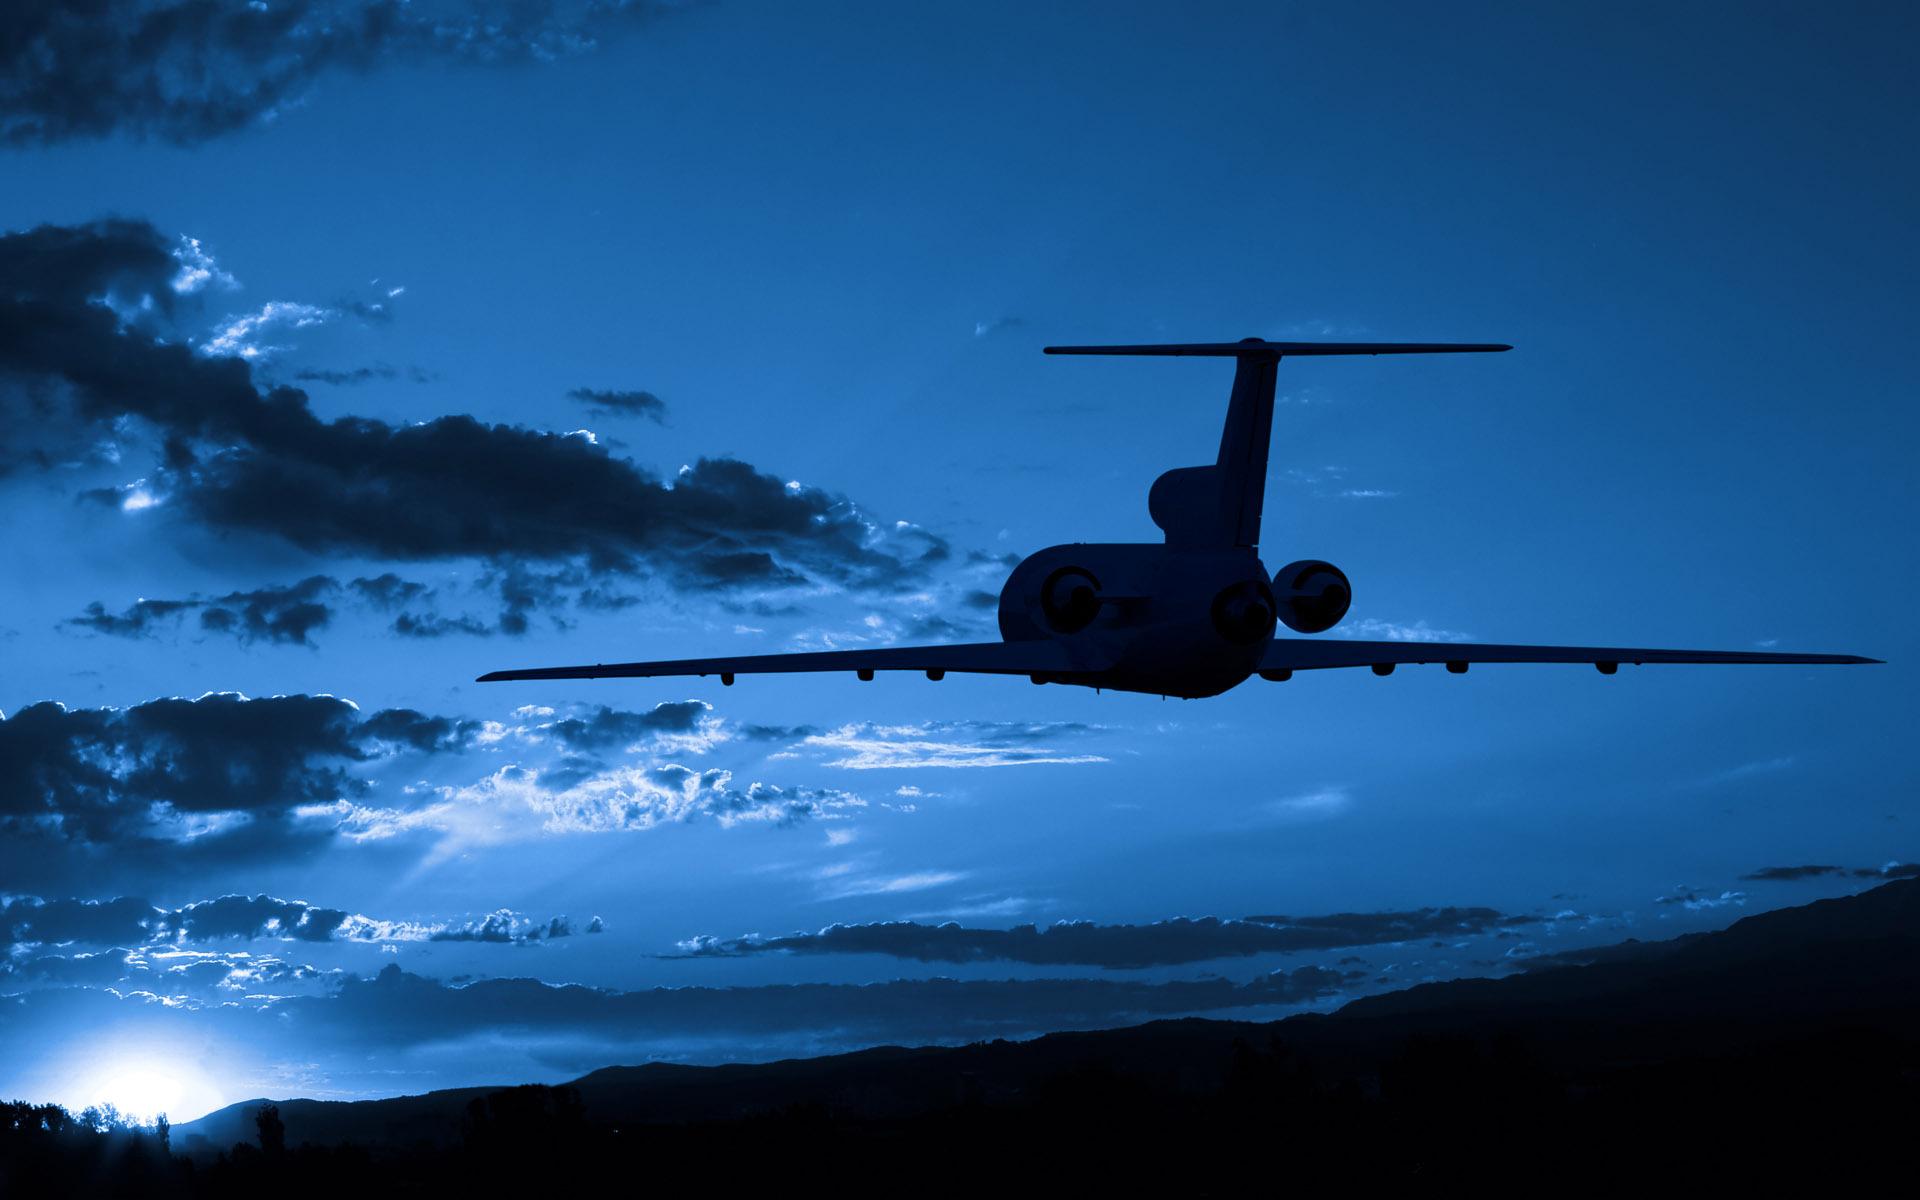 Night Airplane Wallpaper Hd Airport Shuttle Parking Zurich